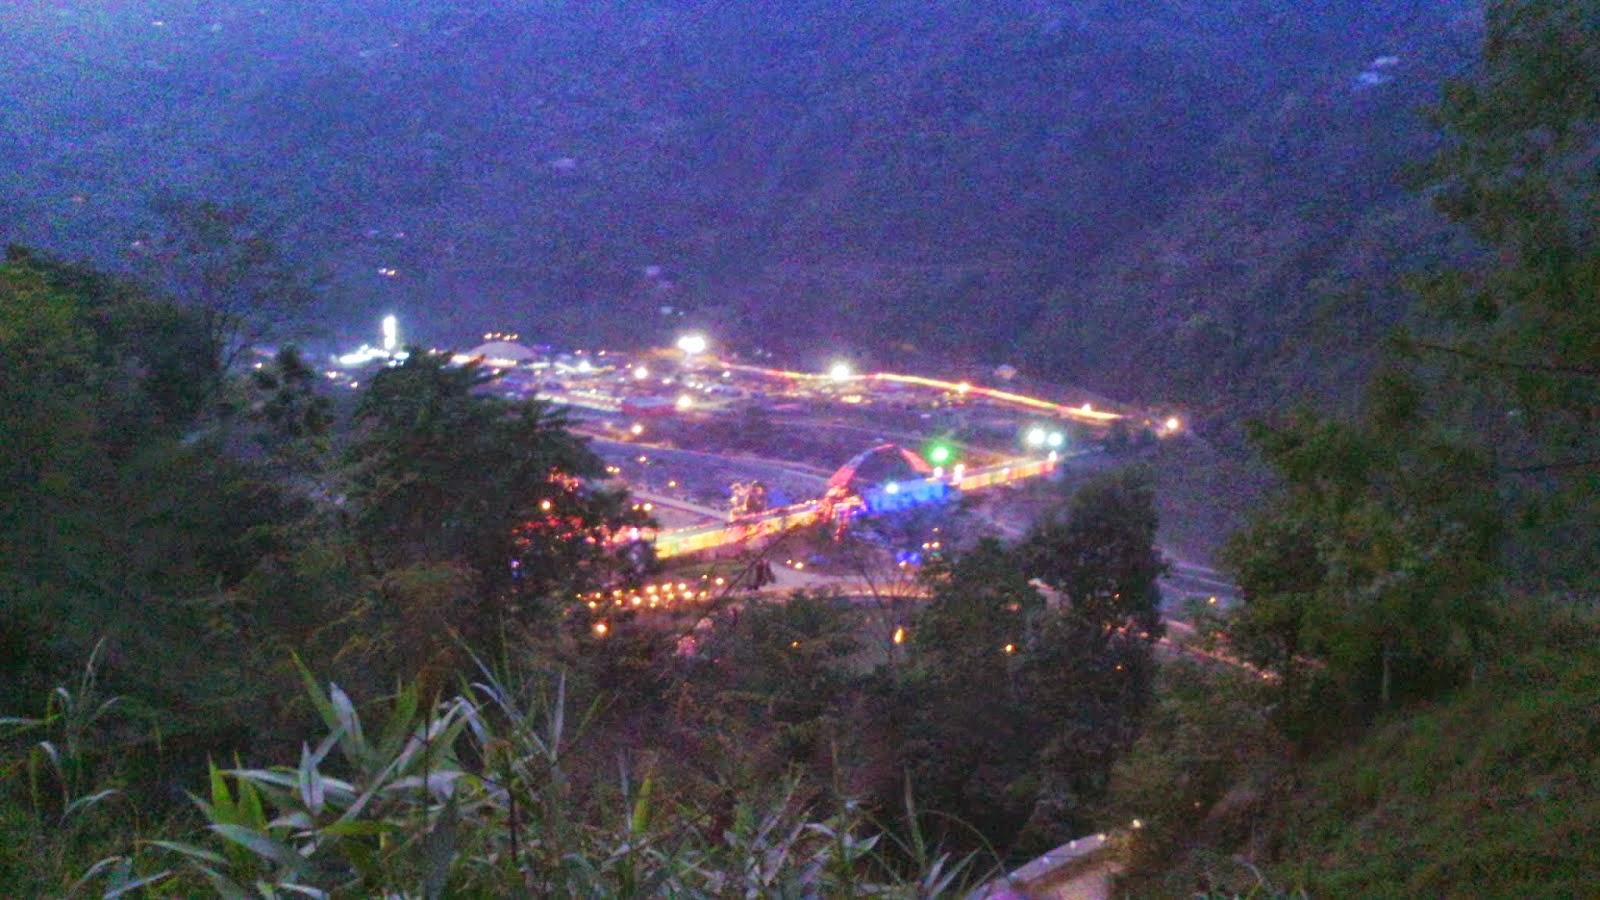 jamuni Darjeeling tourist hub